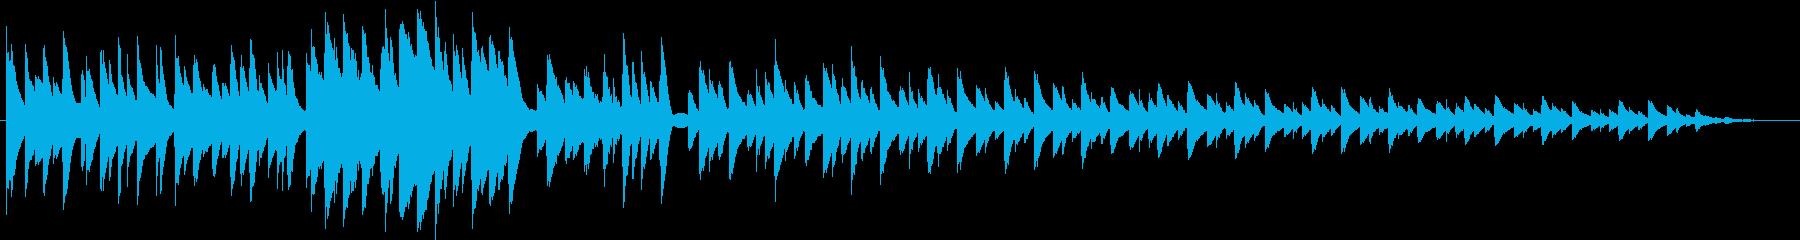 古いピアノで演奏されたバラードの再生済みの波形